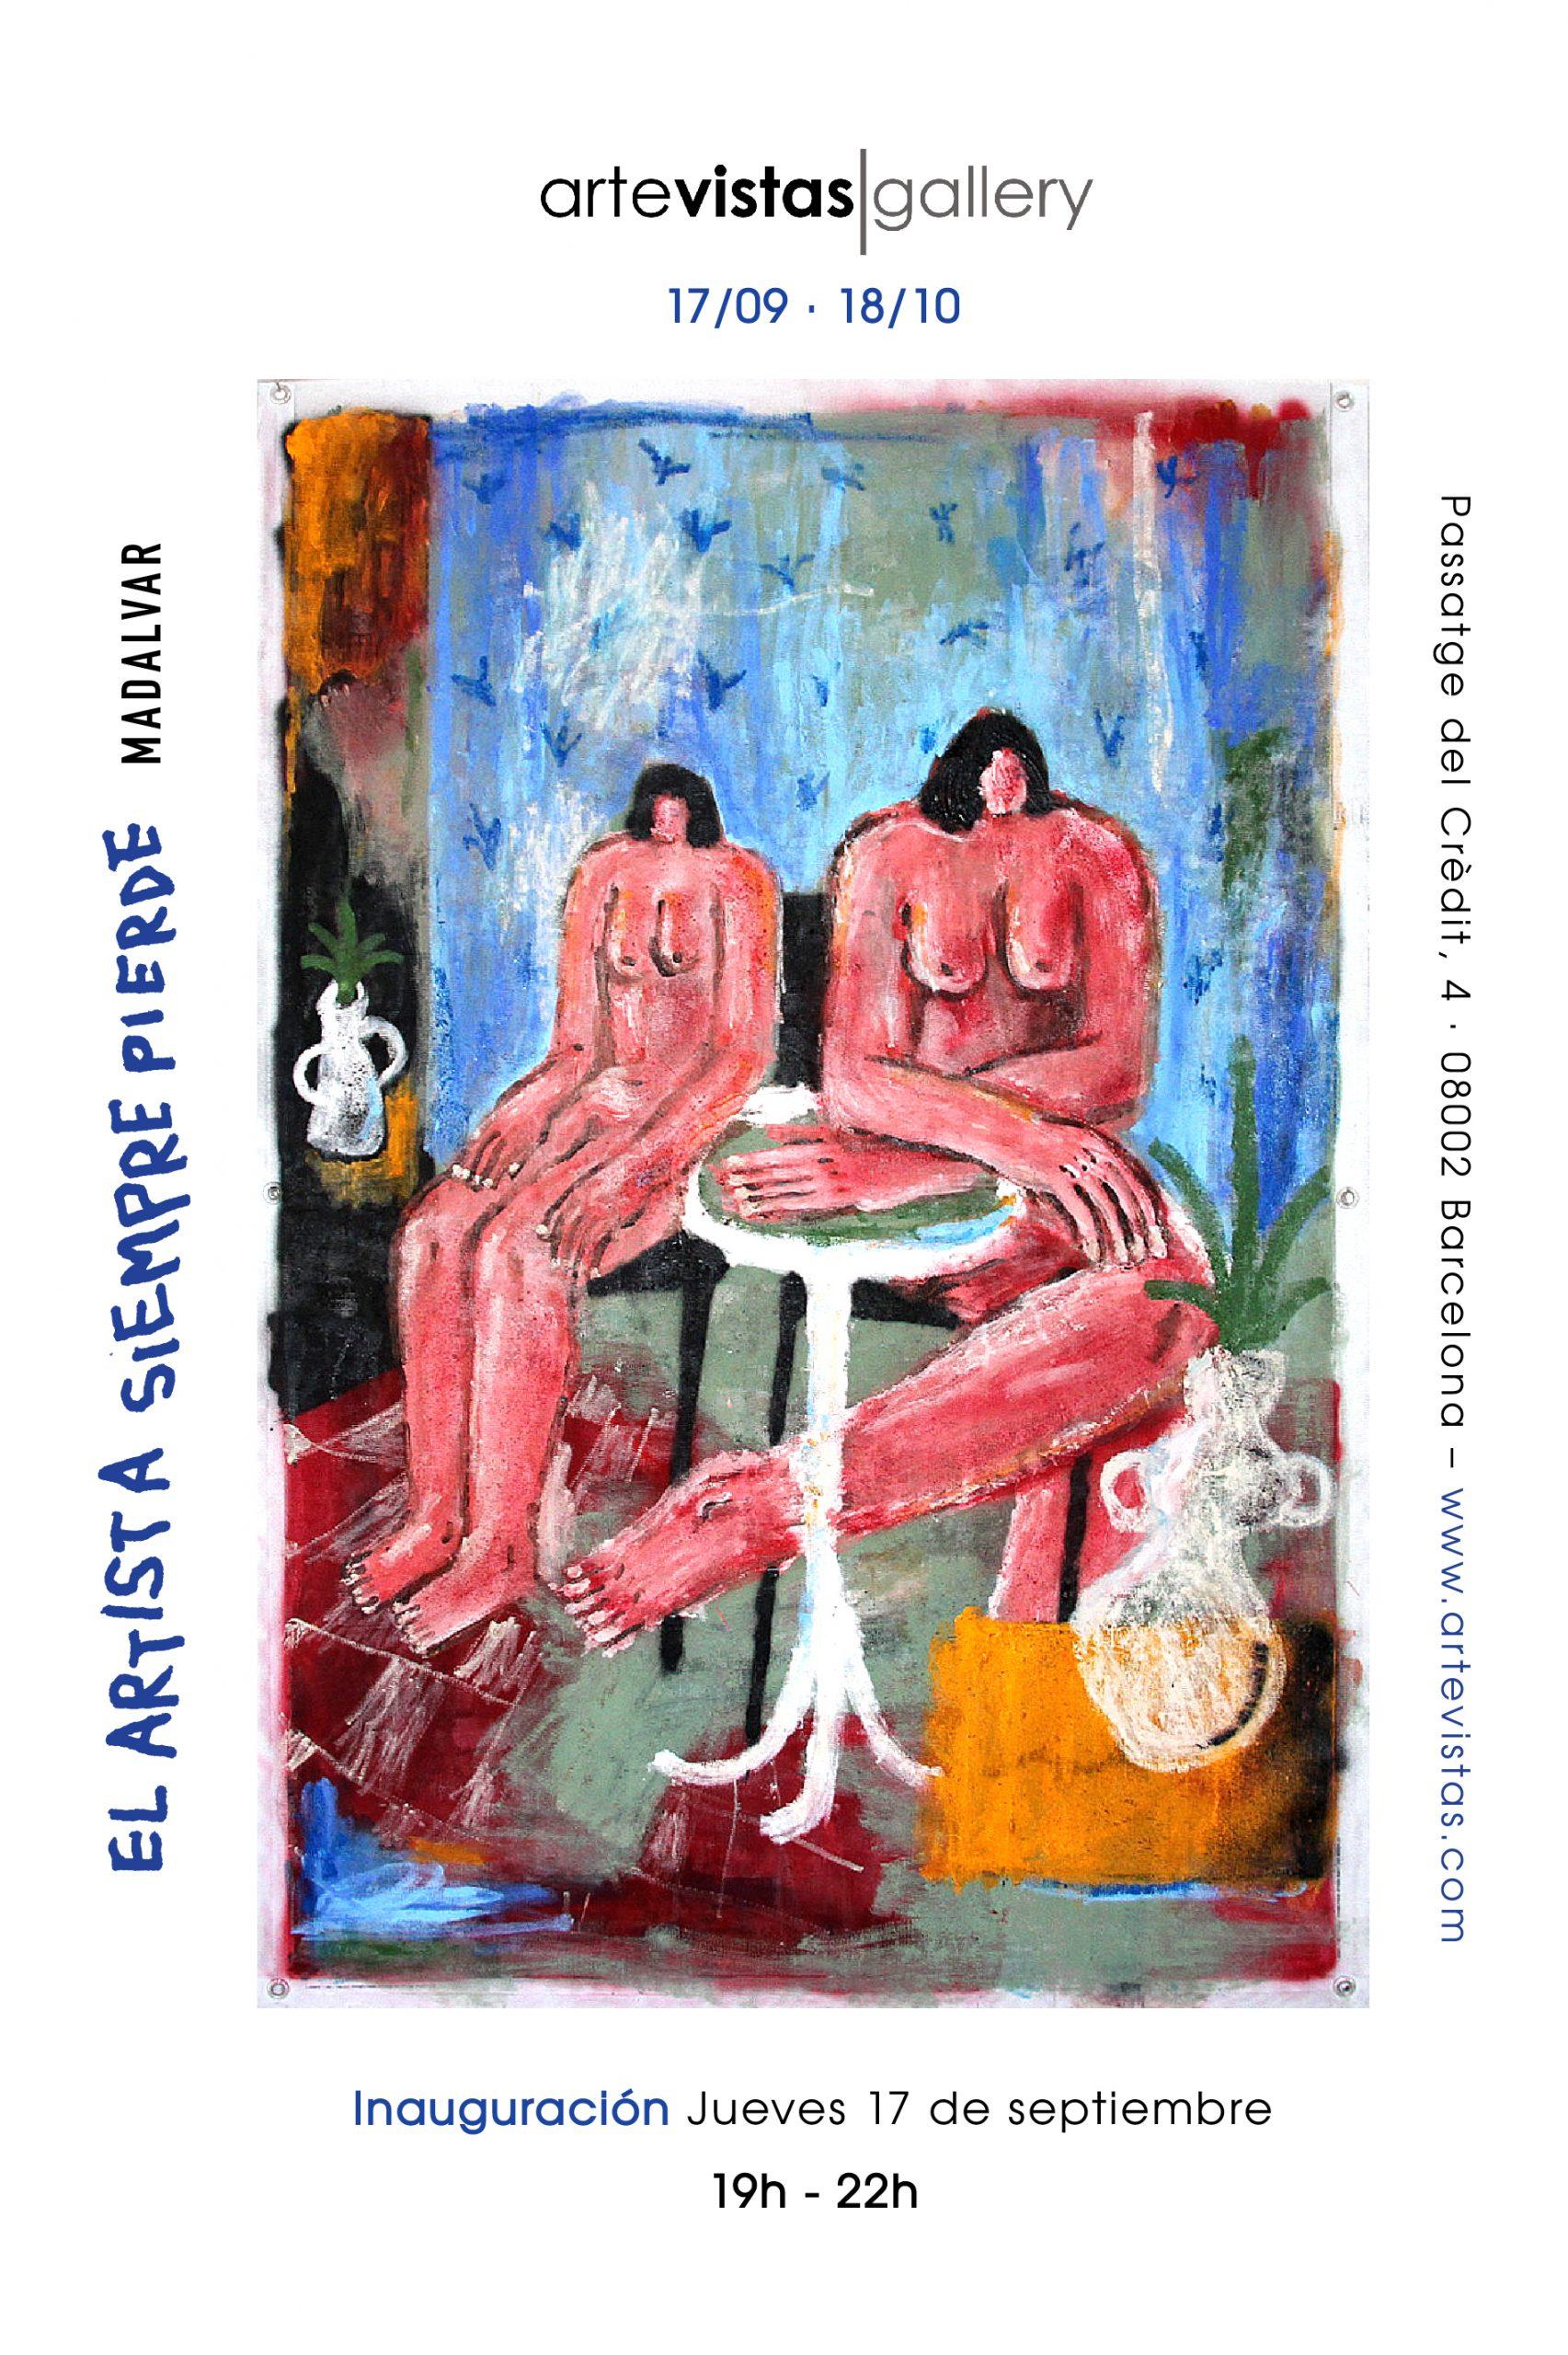 Madalvar - El artista siempre pierde ...